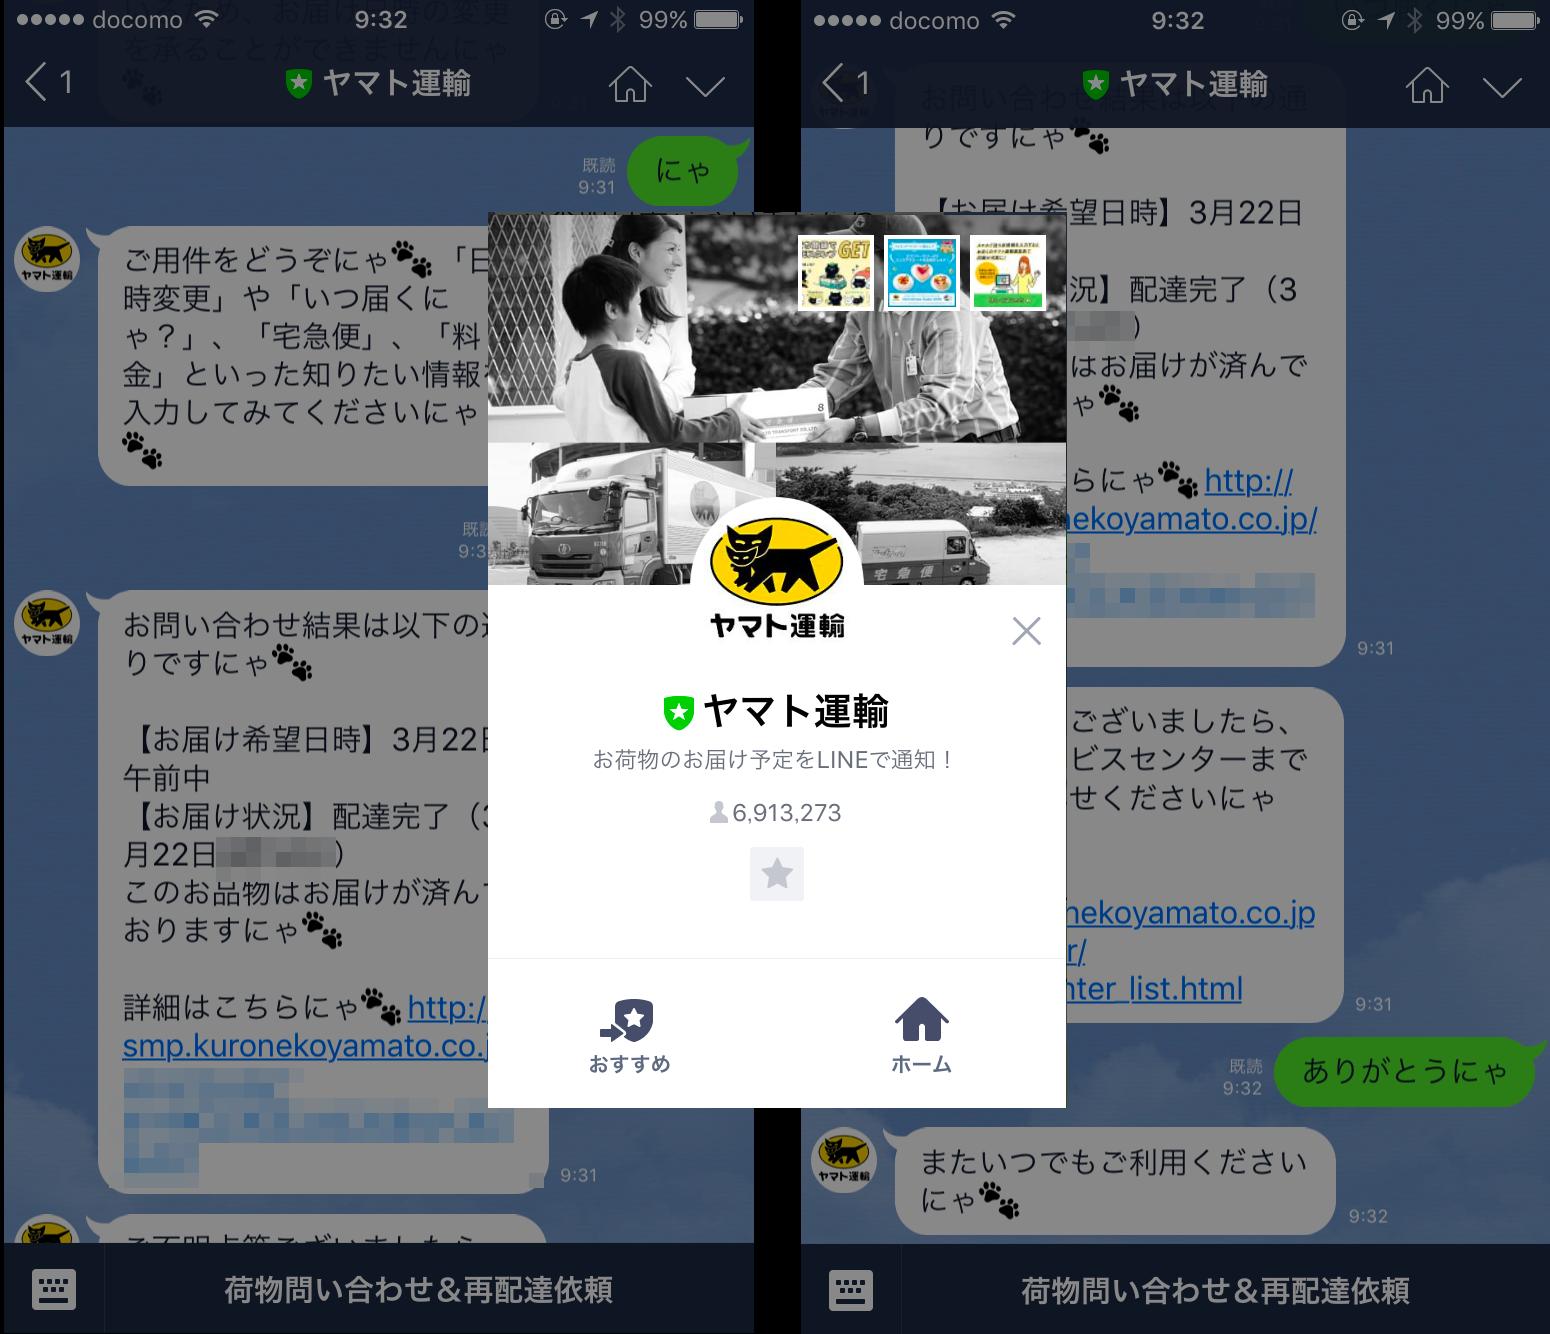 yamato03263